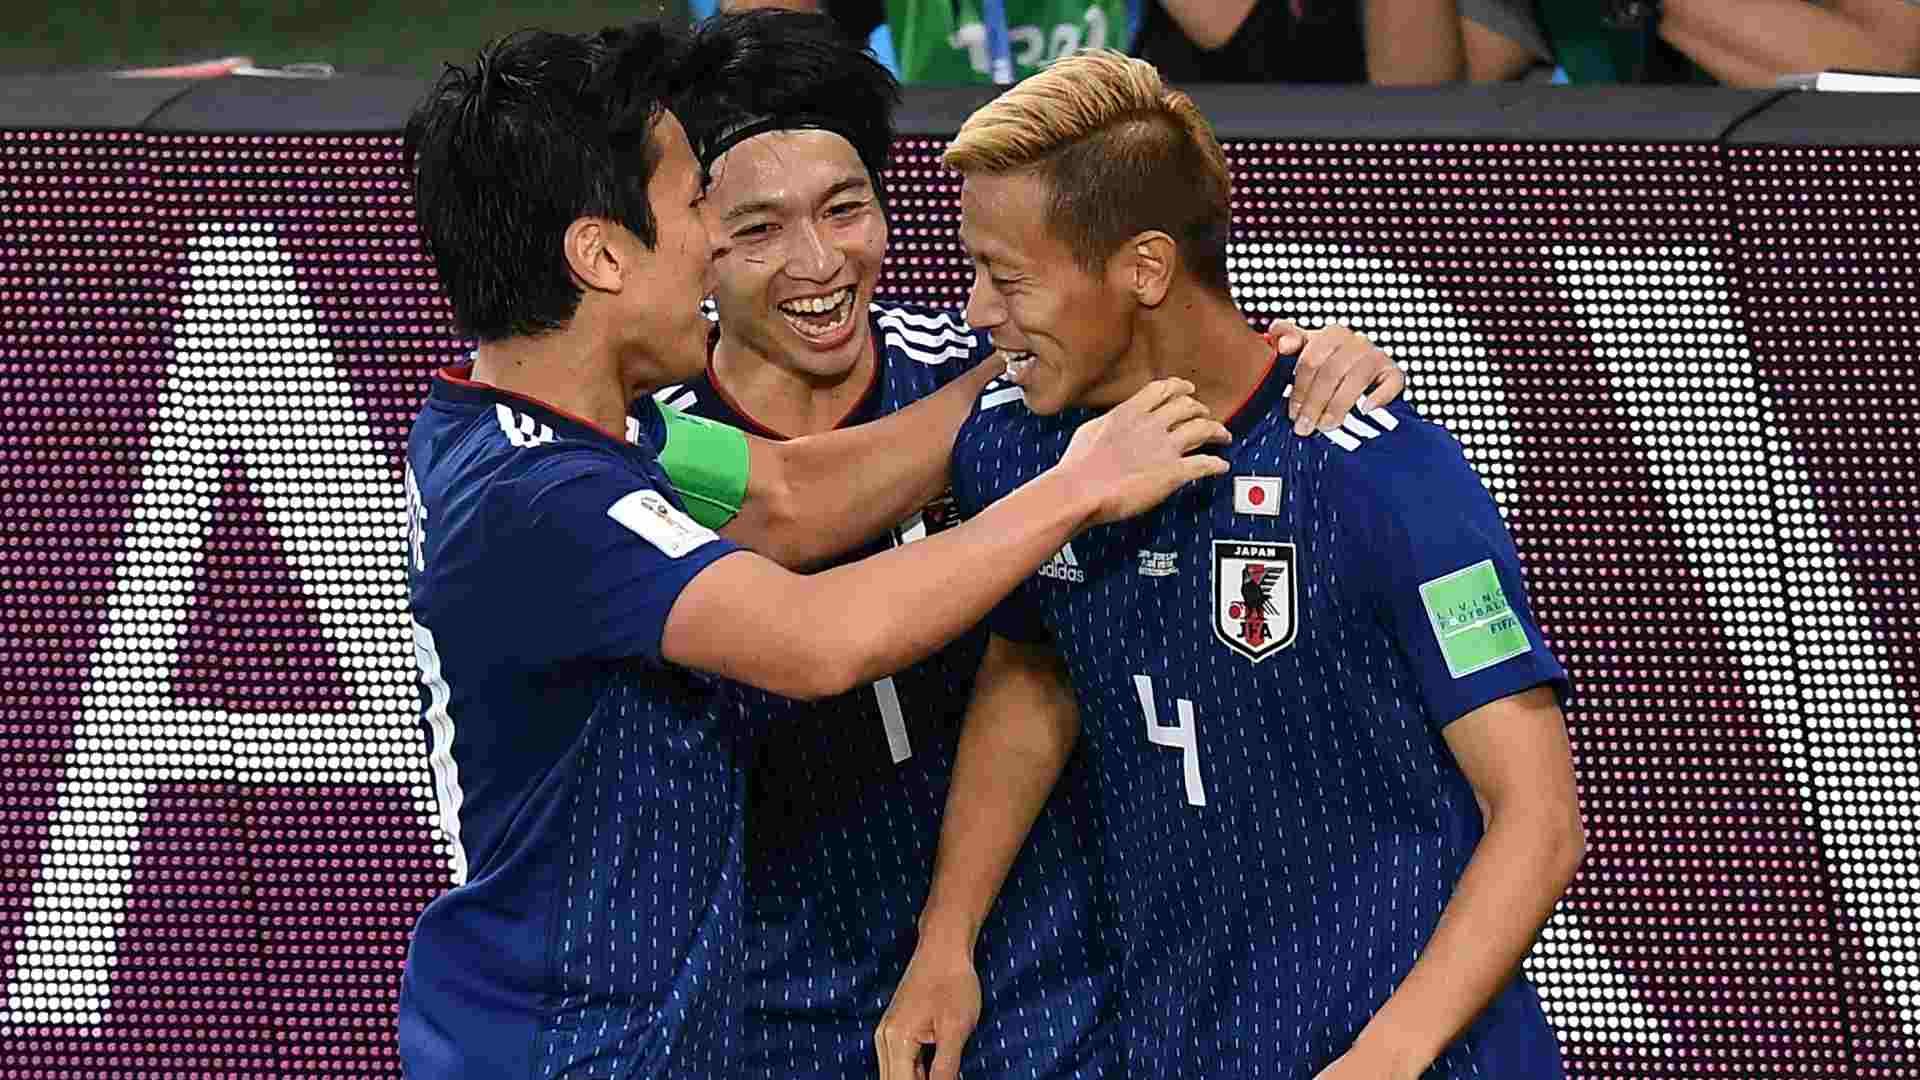 2018-06-25-japan-keisuke-honda-hasebe-shibasaki